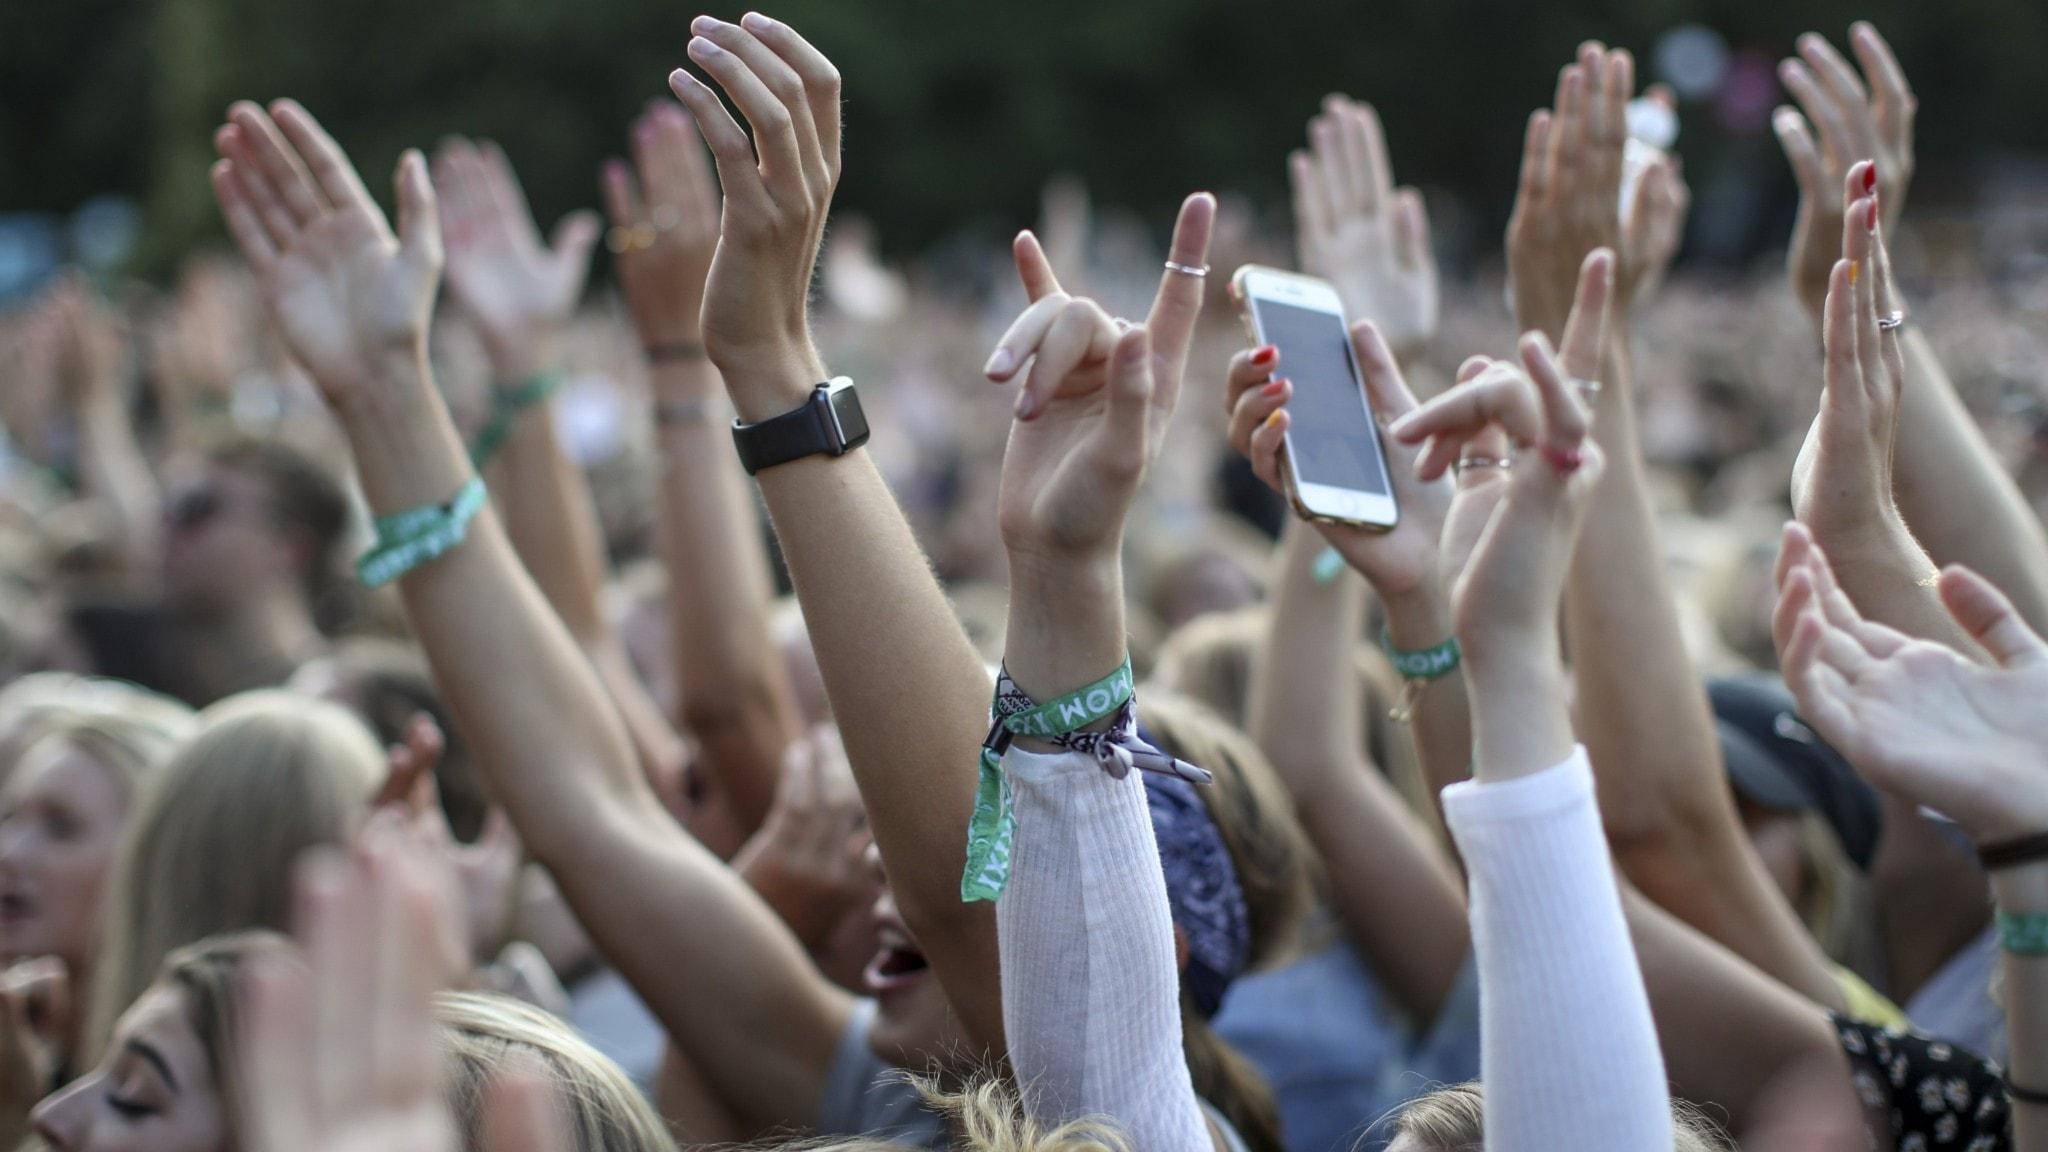 Händer i luften vid en festivalkonsert.